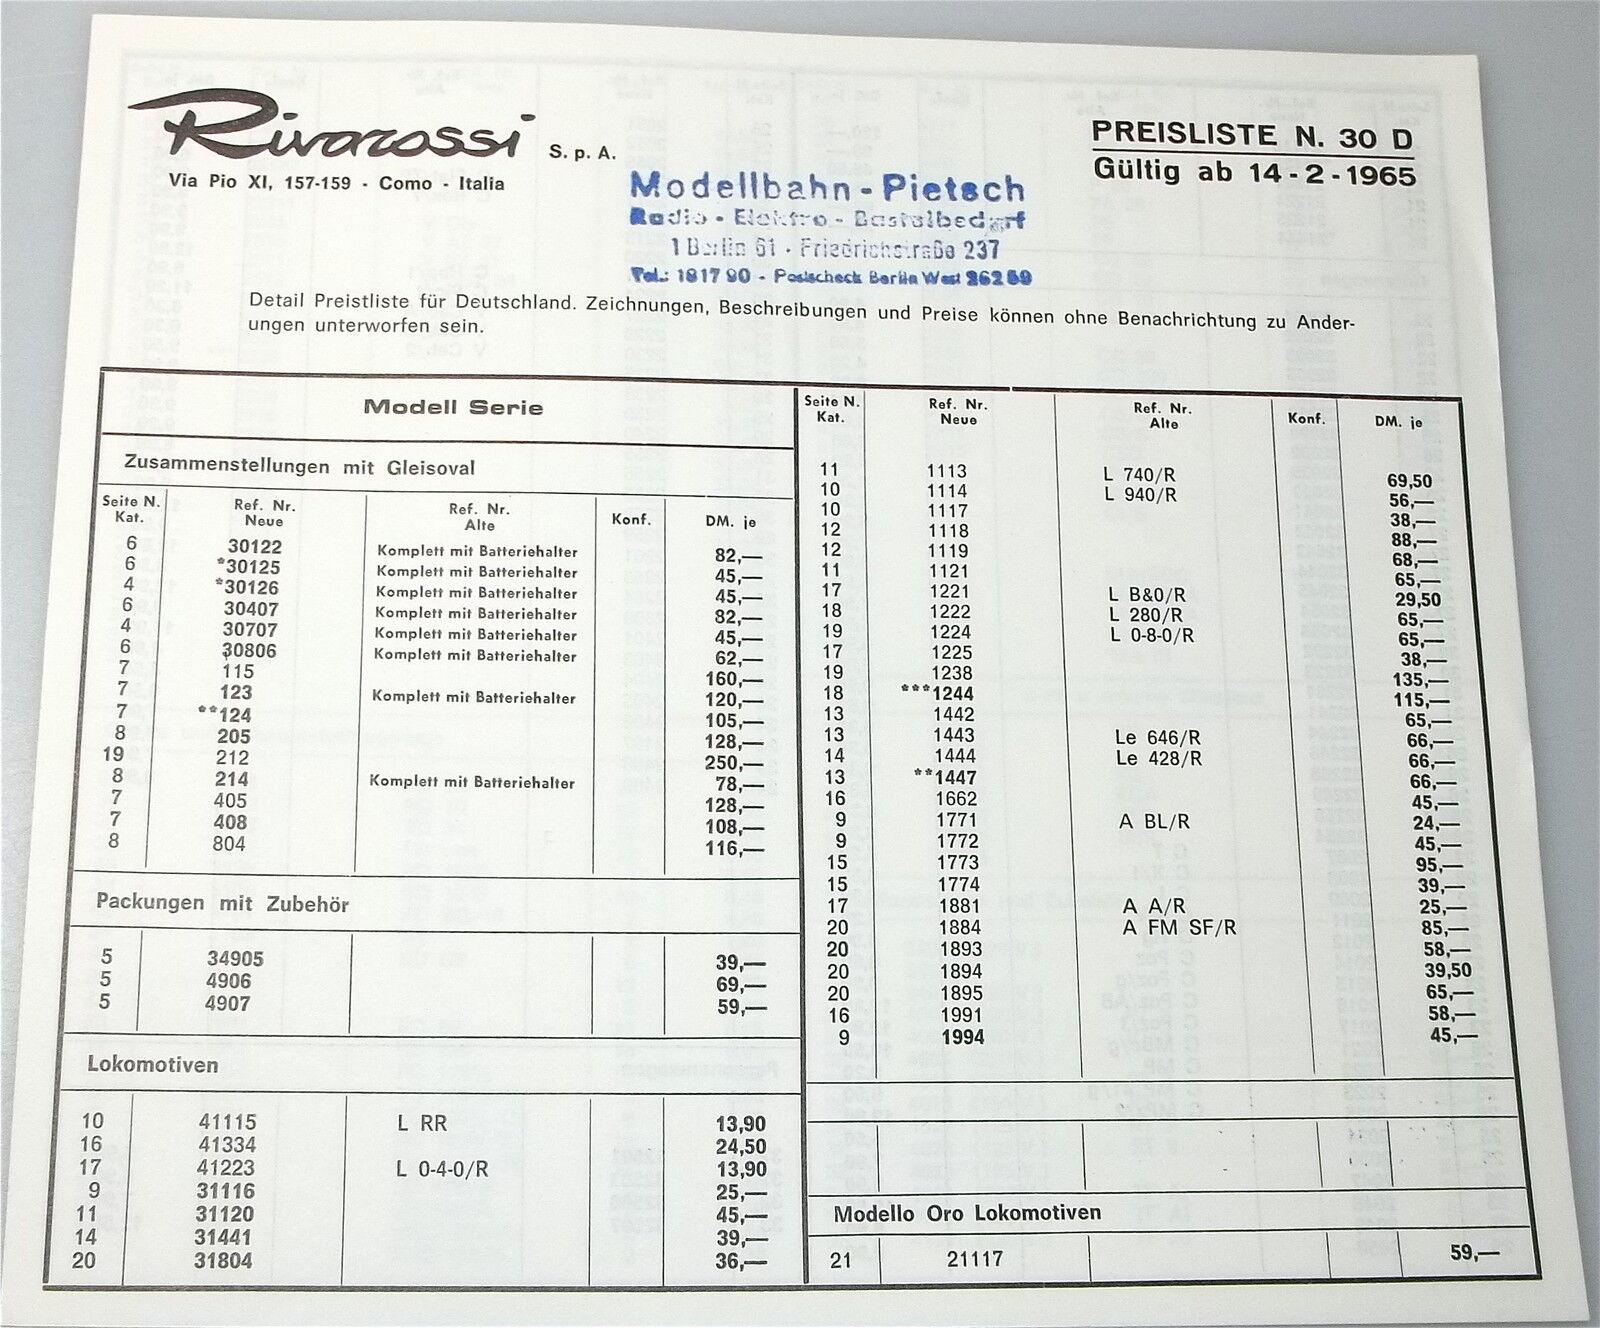 Rivarossi Preisliste N.30 D 1965         å